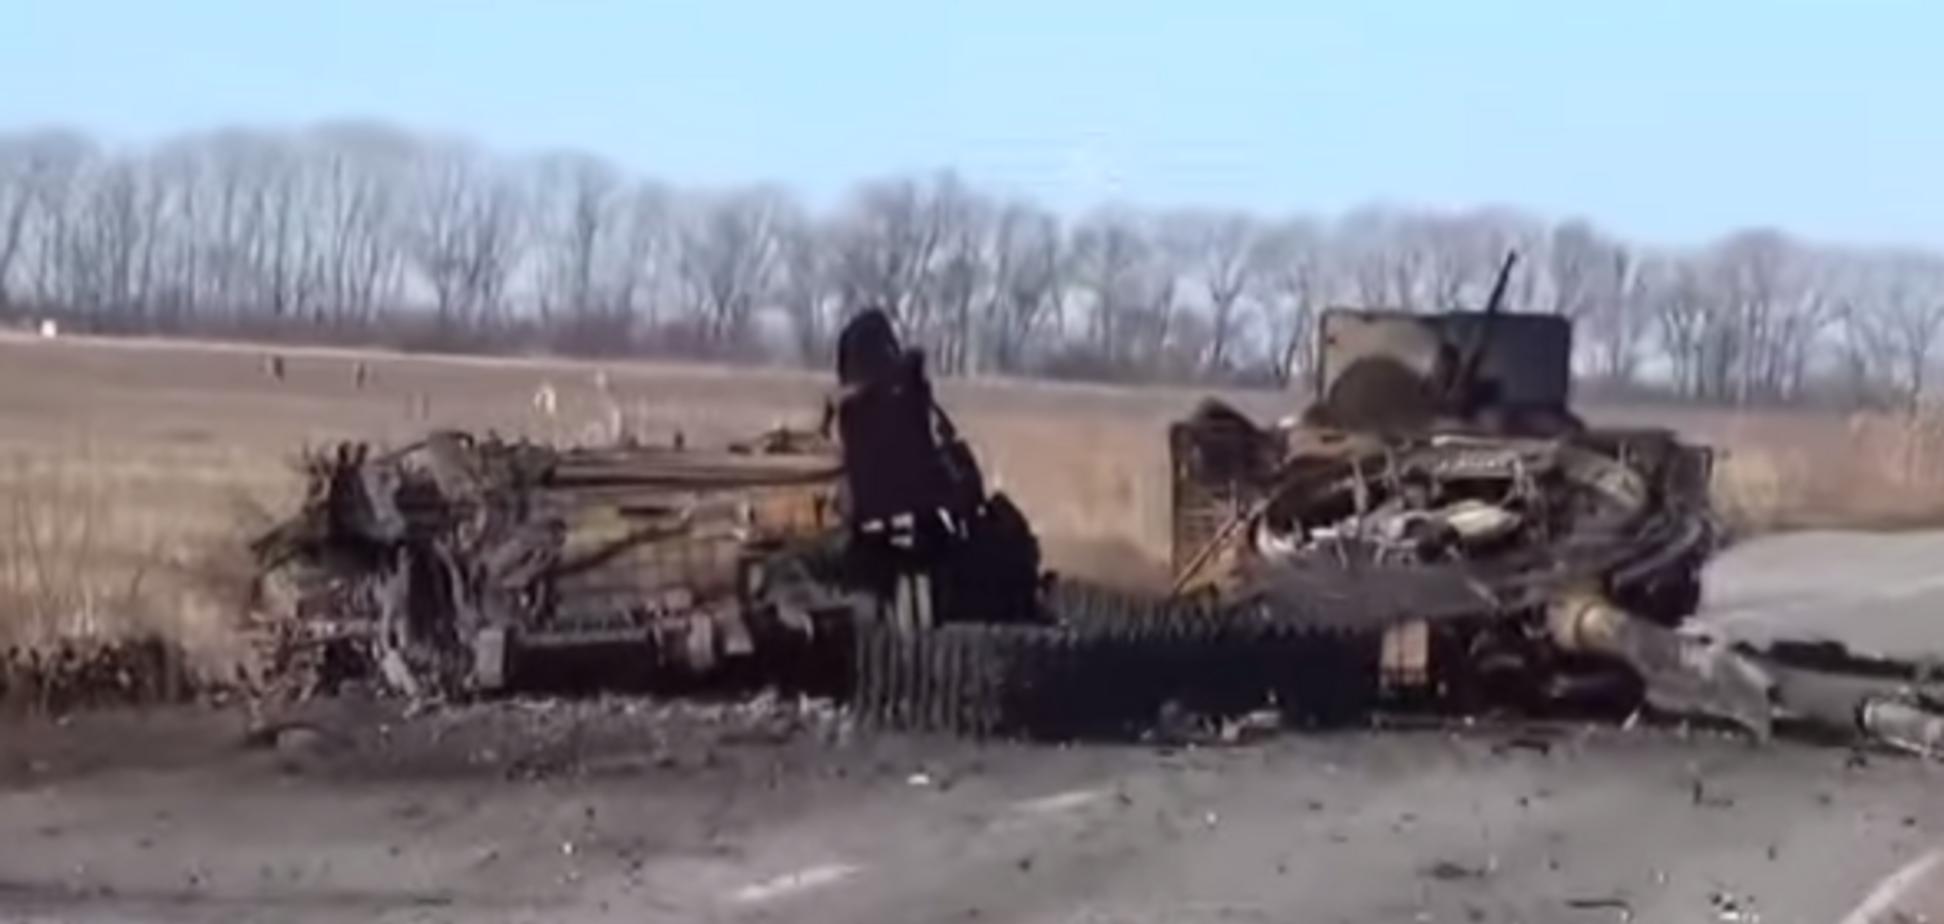 Боевики сняли на видео разбитую колонну ВСУ, прорывавшуюся к 32 блокпосту